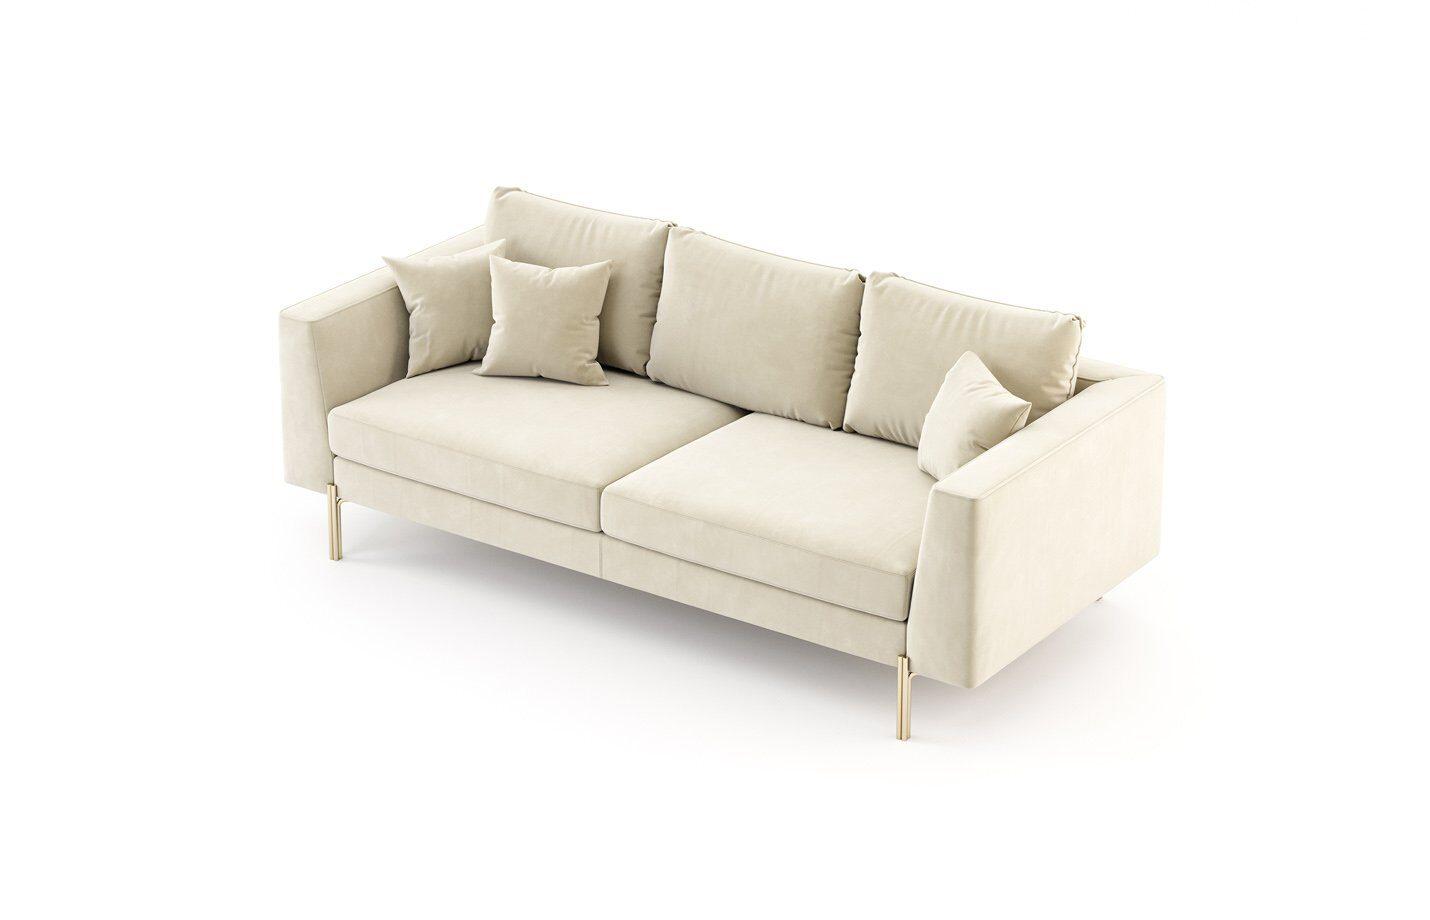 Floating-Sofa-by-fabiia-furniture-signature-5